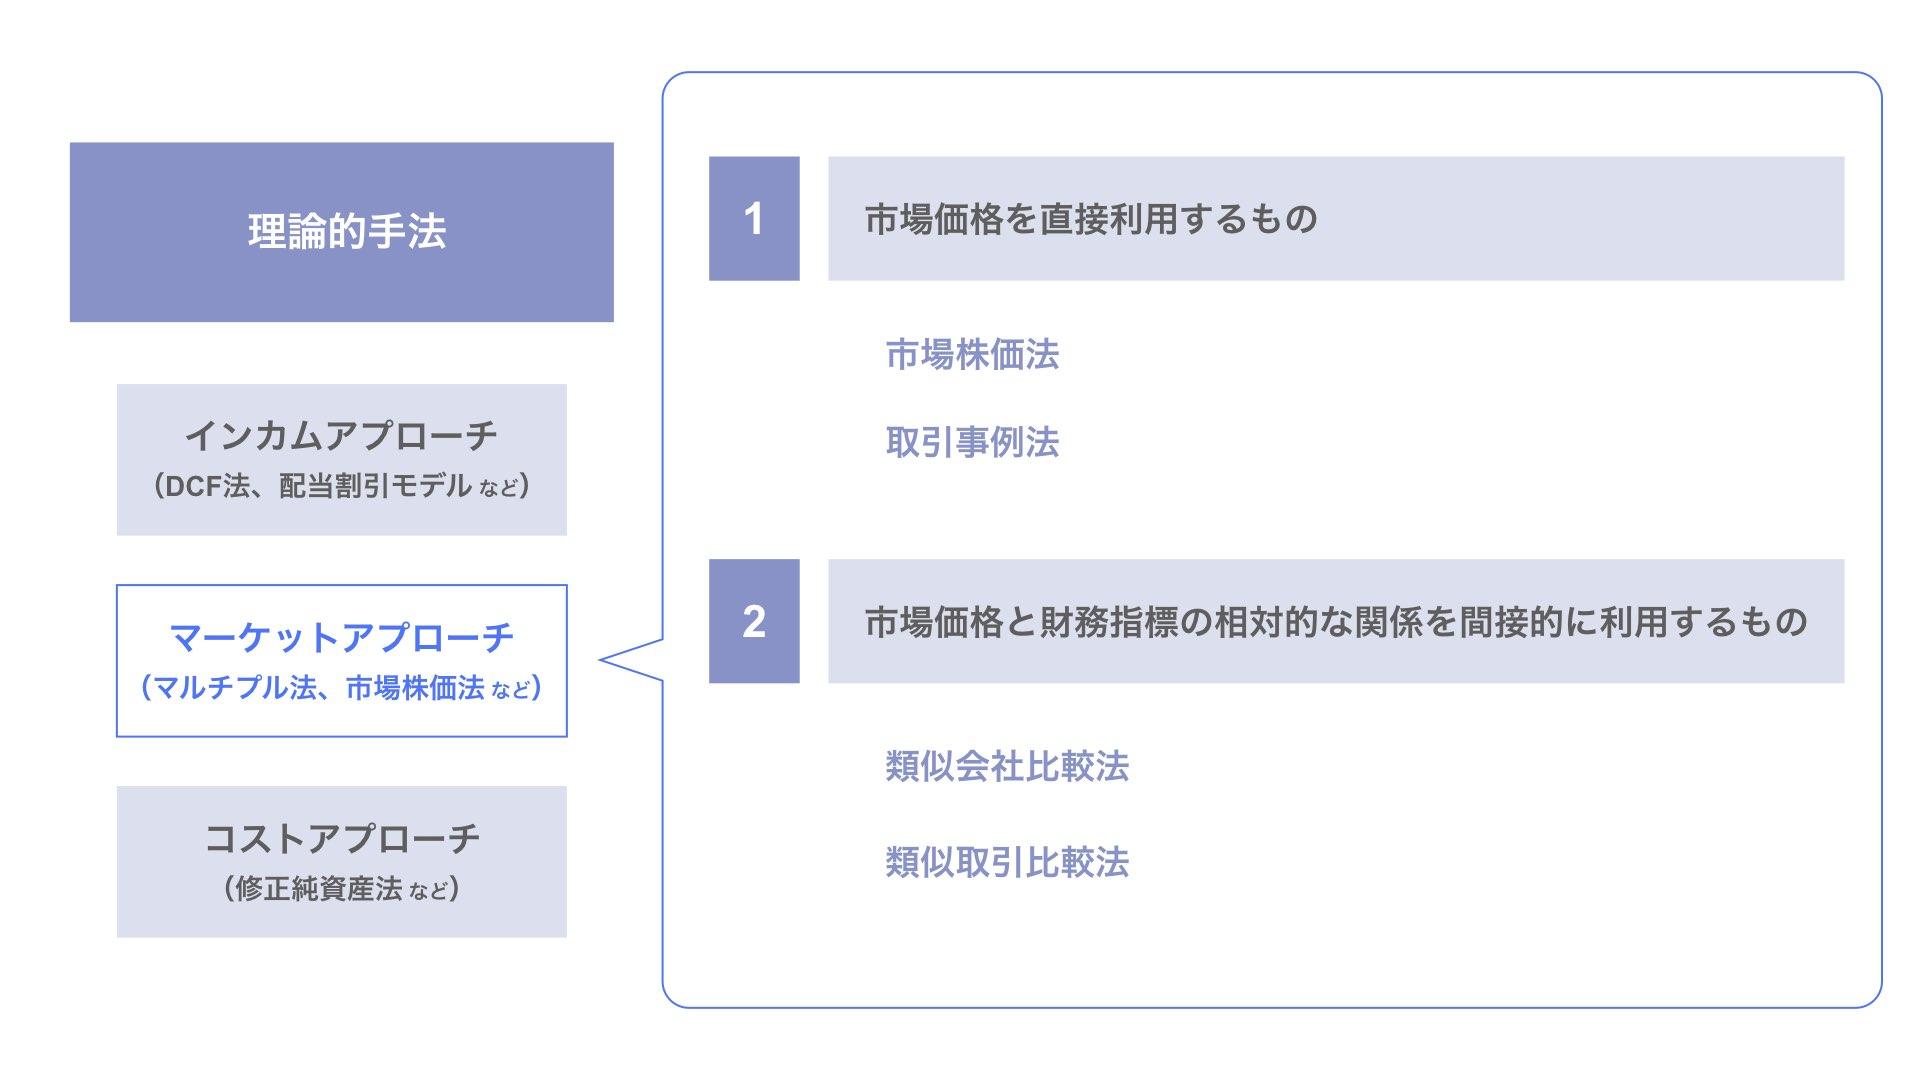 マーケットアプローチの中におけるEV/EBITDAマルチプル法の位置付け